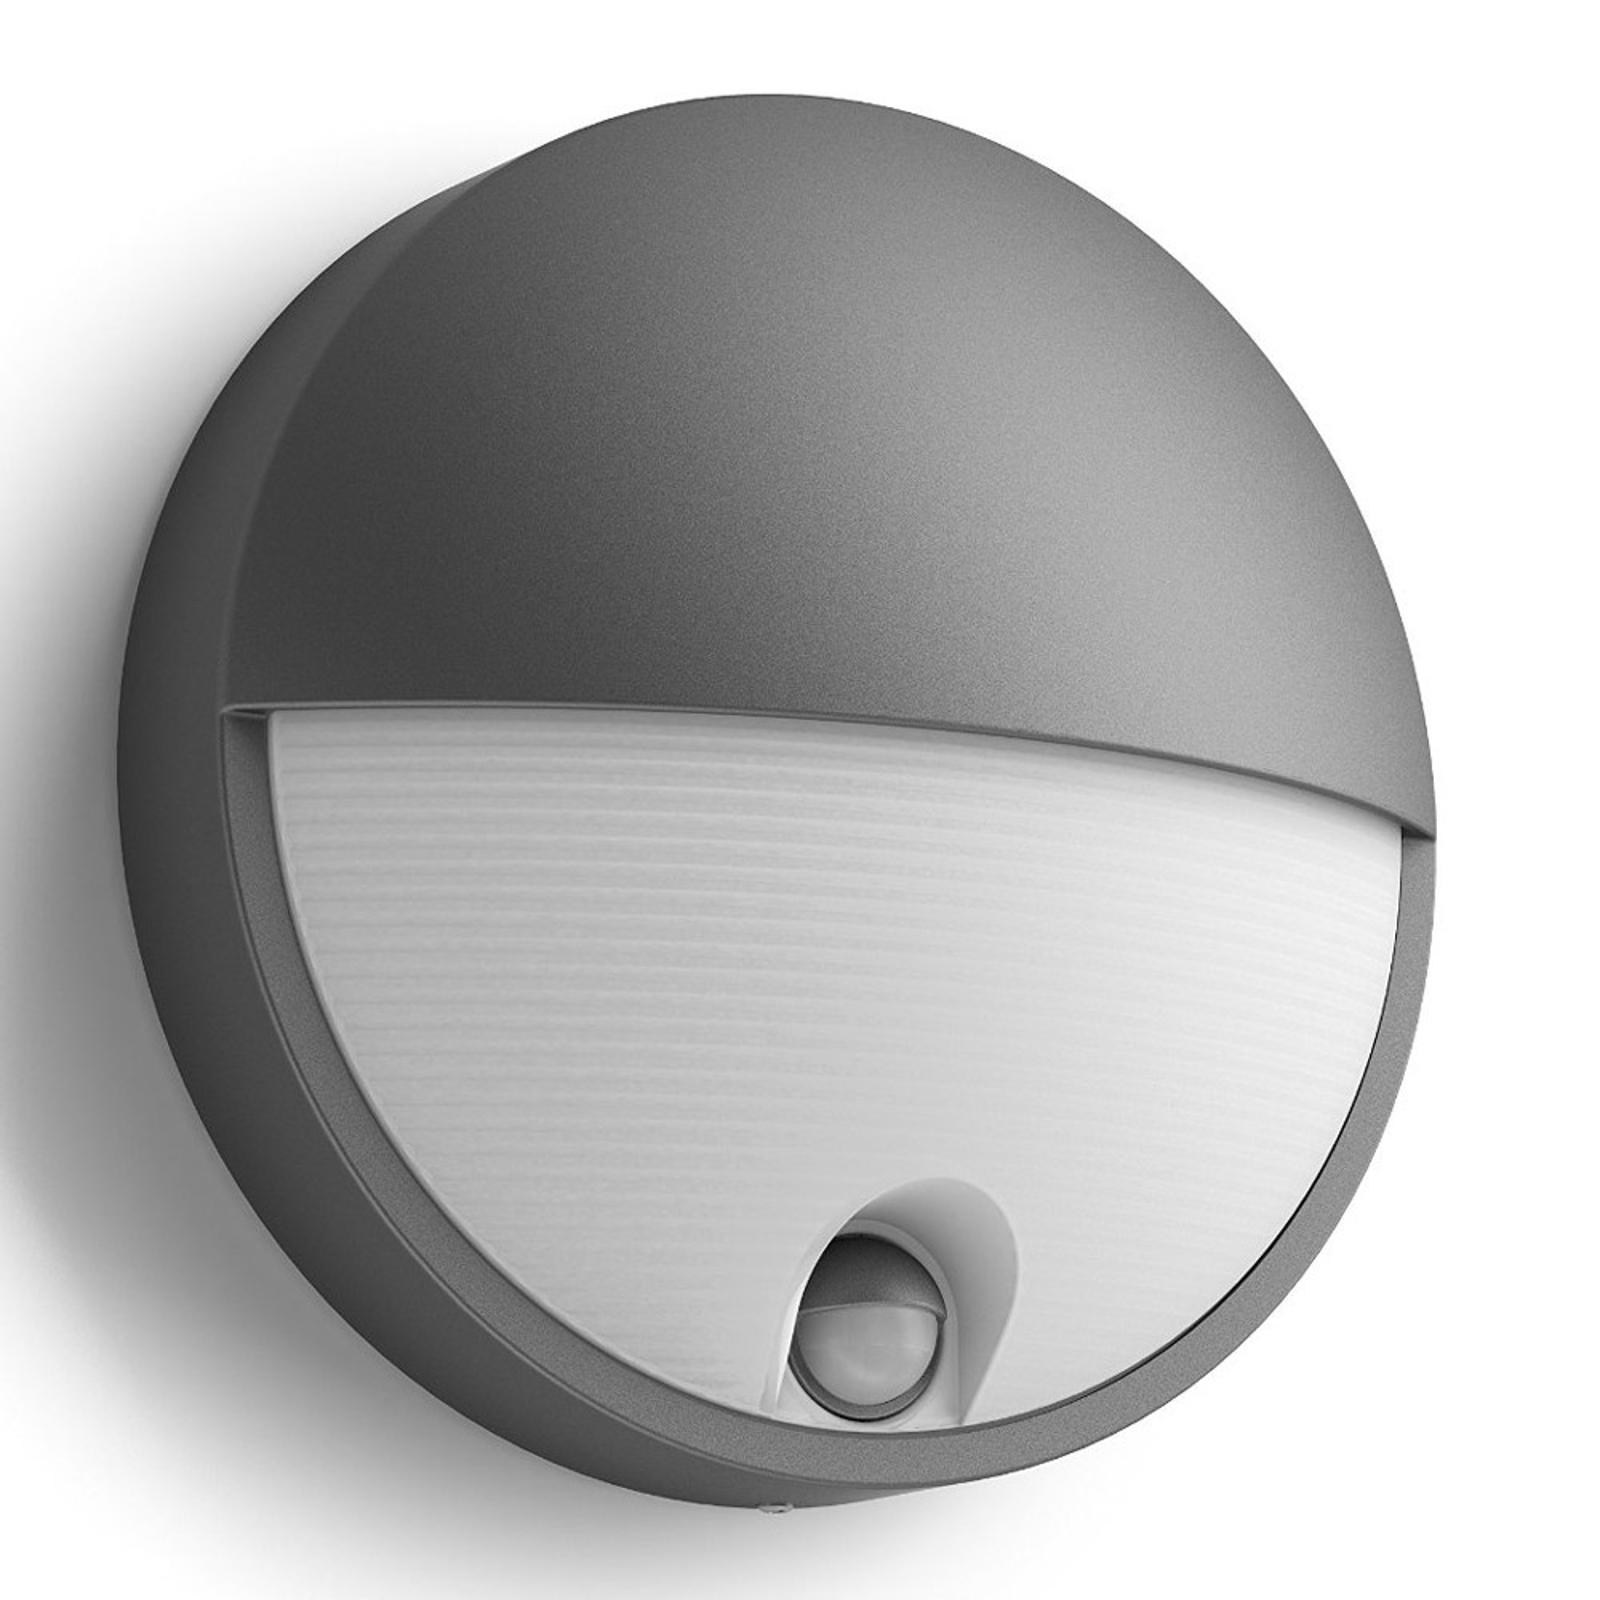 Capricorn - lampa zewnętrzna LED z czujnikiem